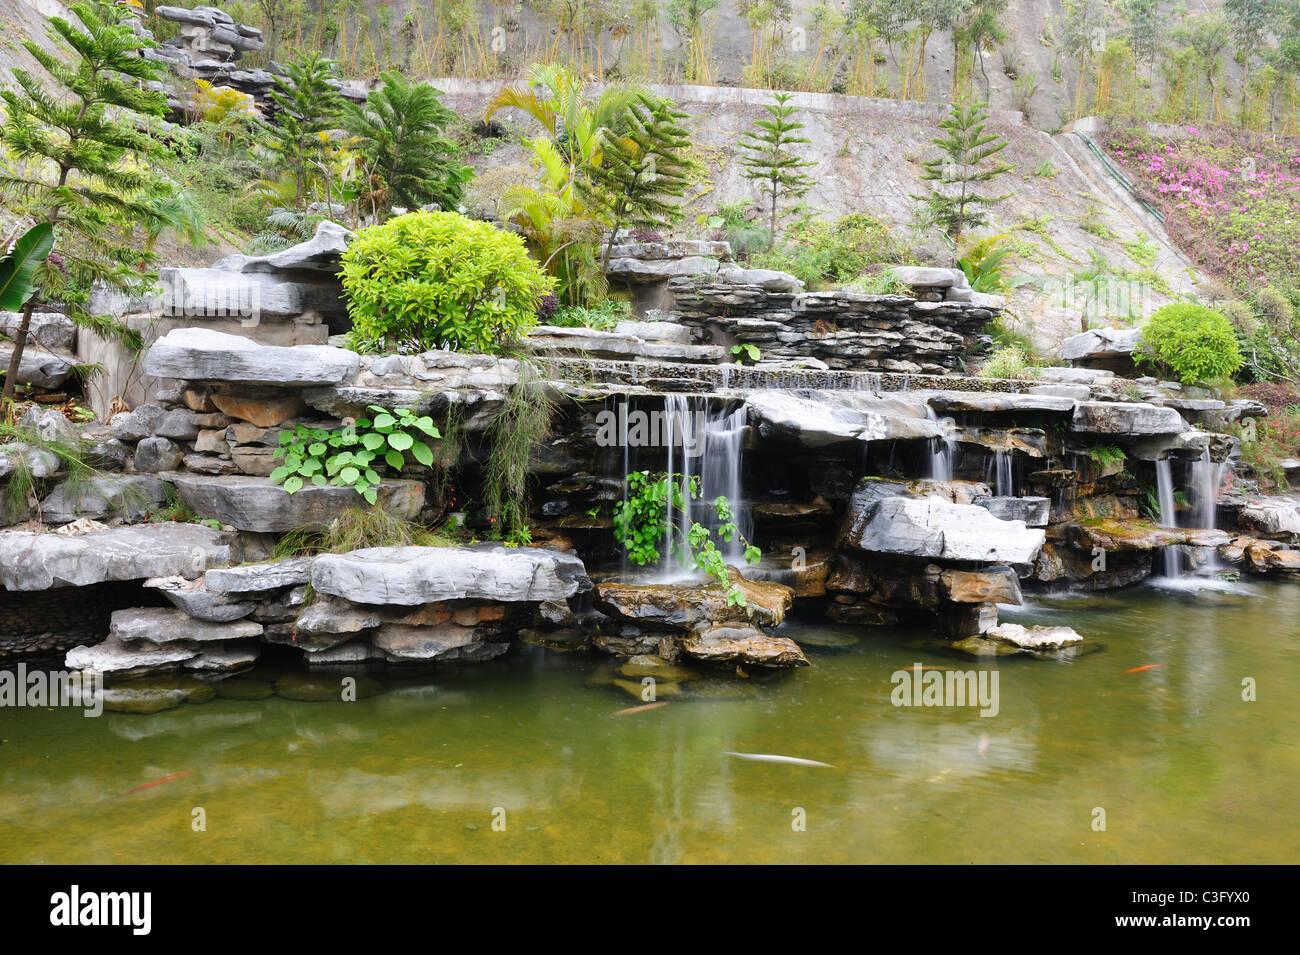 Chinesischer Steingarten Garten Mit Teich Und Wasserfall Stockfoto